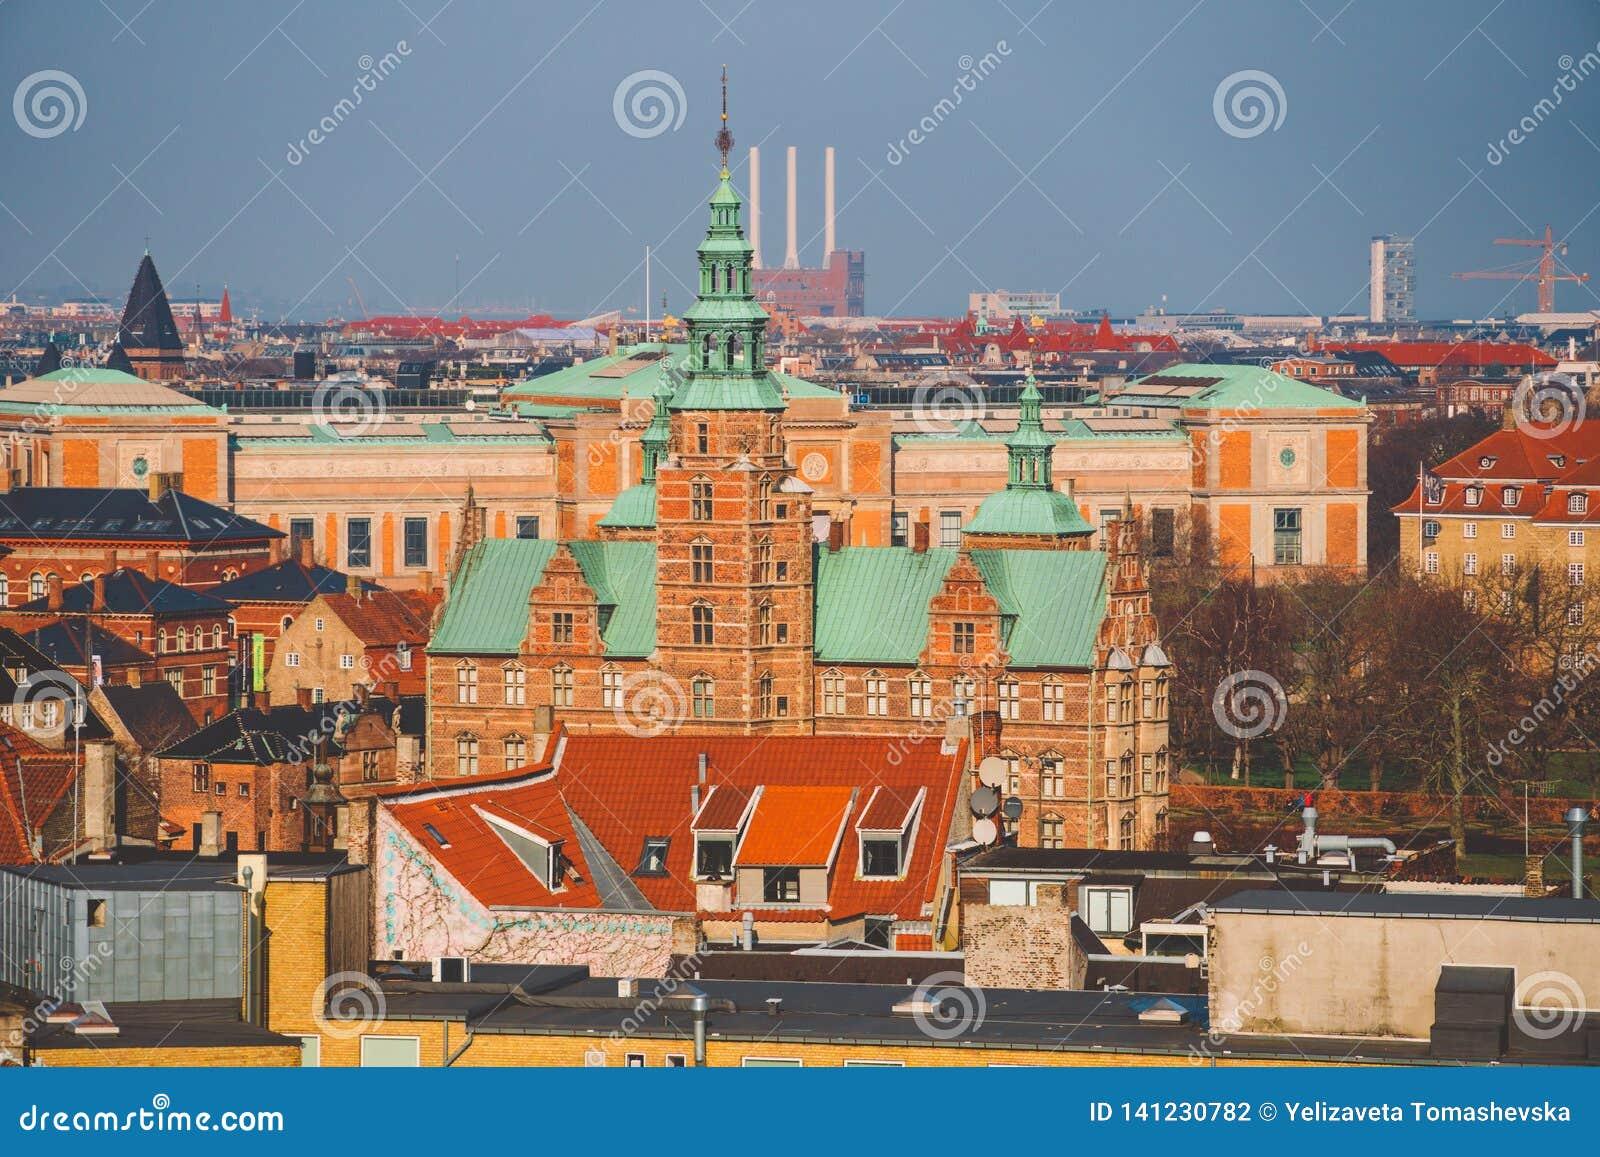 18 de febrero de 2019 Dinamarca Copenhague Vista superior panorámica del centro de ciudad de un punto álgido Torre redonda de Run